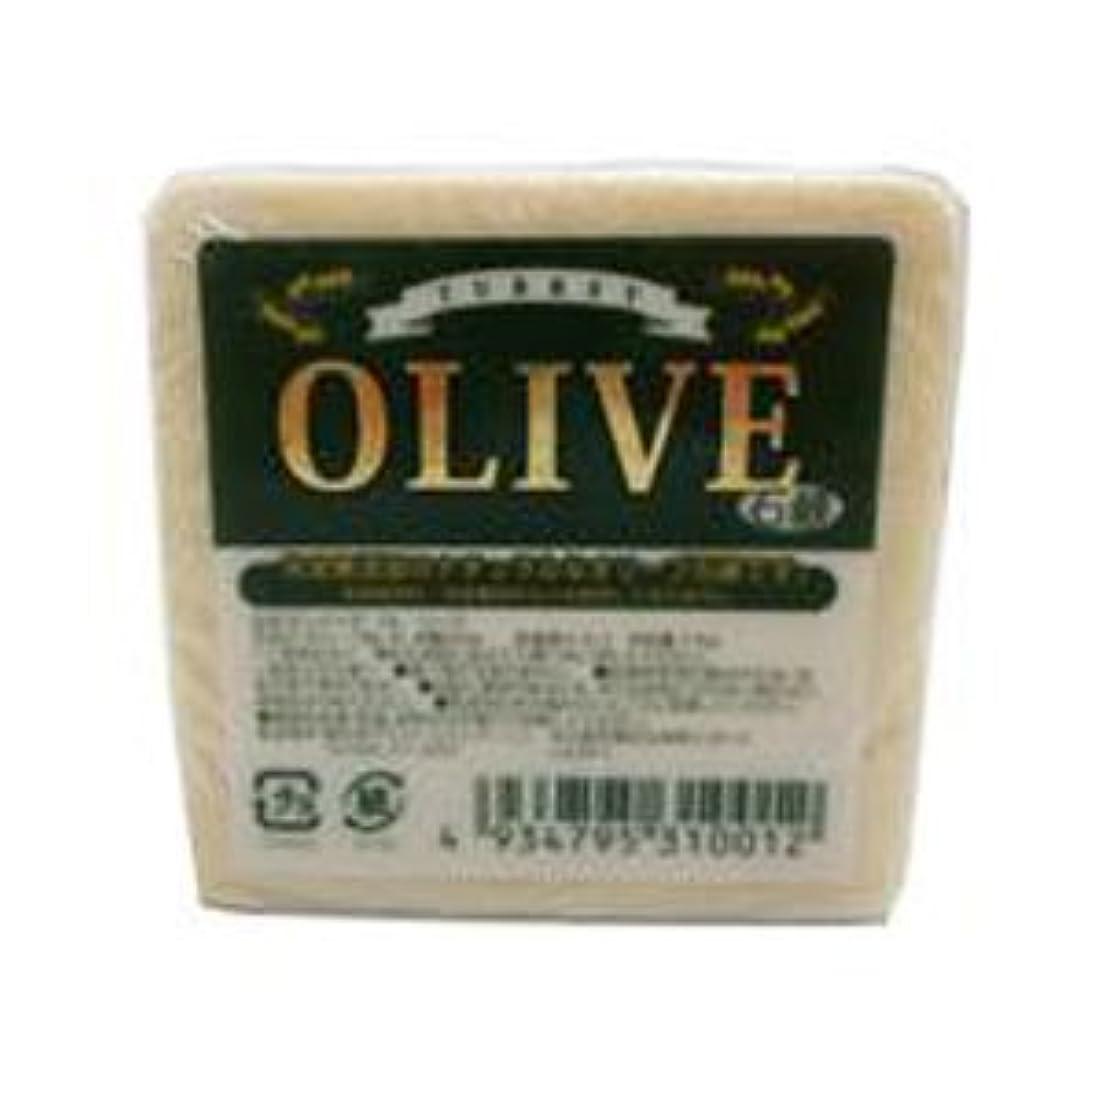 抑制の州お得な5個セット トルコ産オリーブを使用した無添加石鹸 ターキーオリーブ石鹸 135g